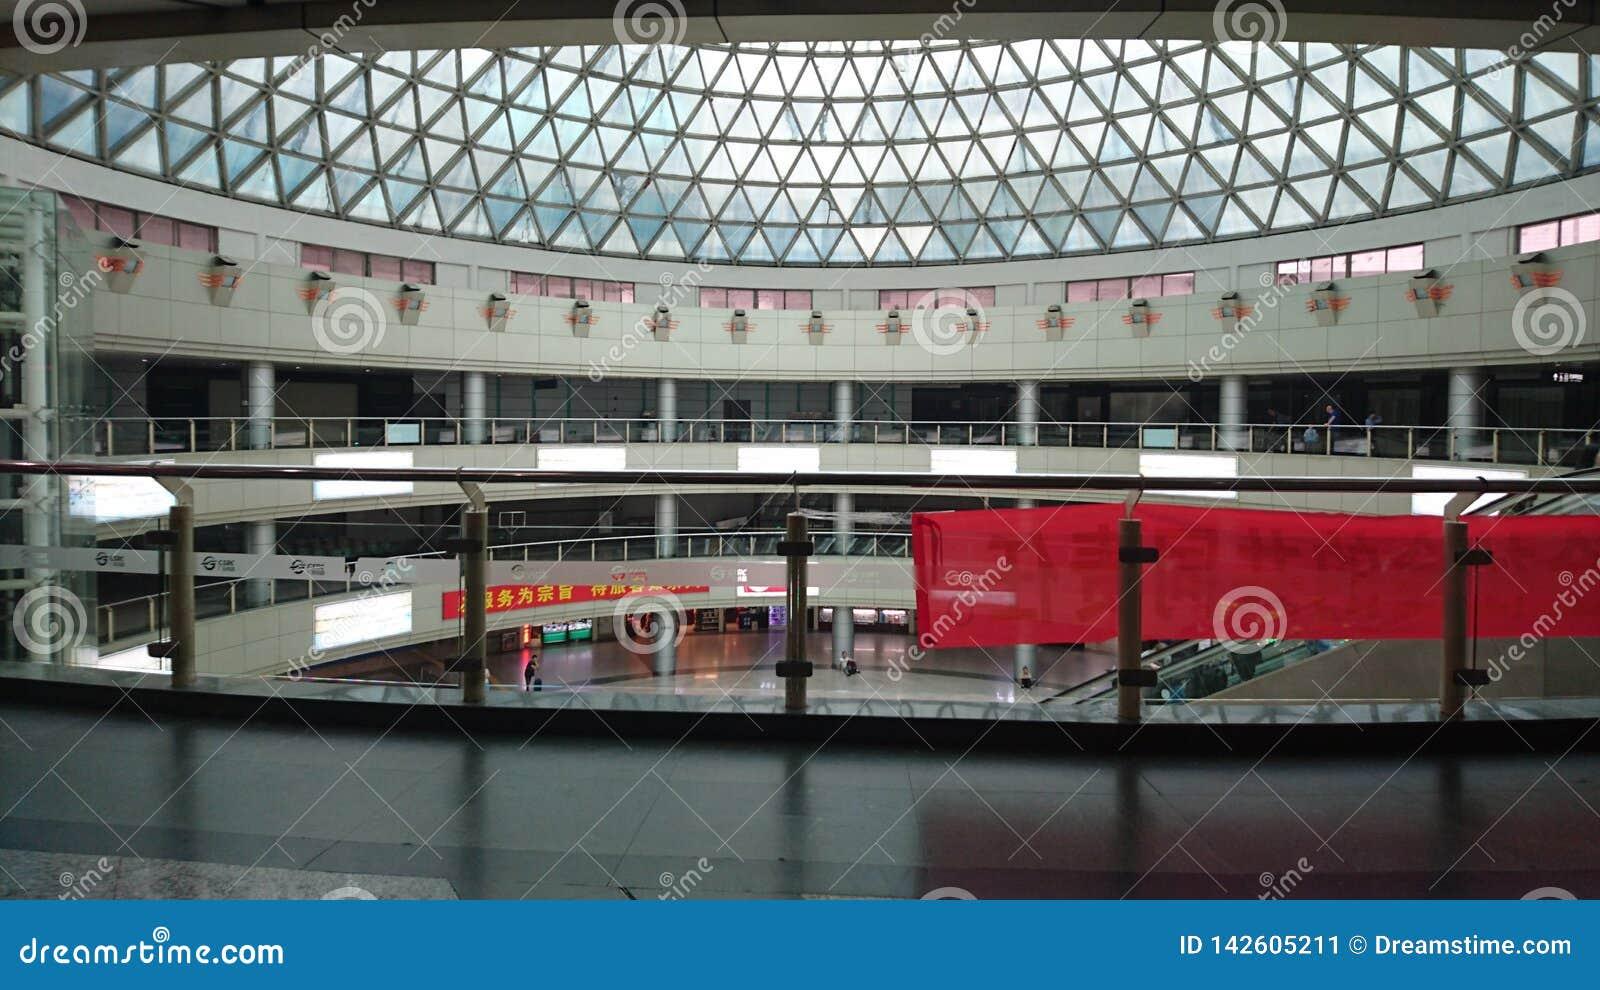 A big construction in Guangzhou